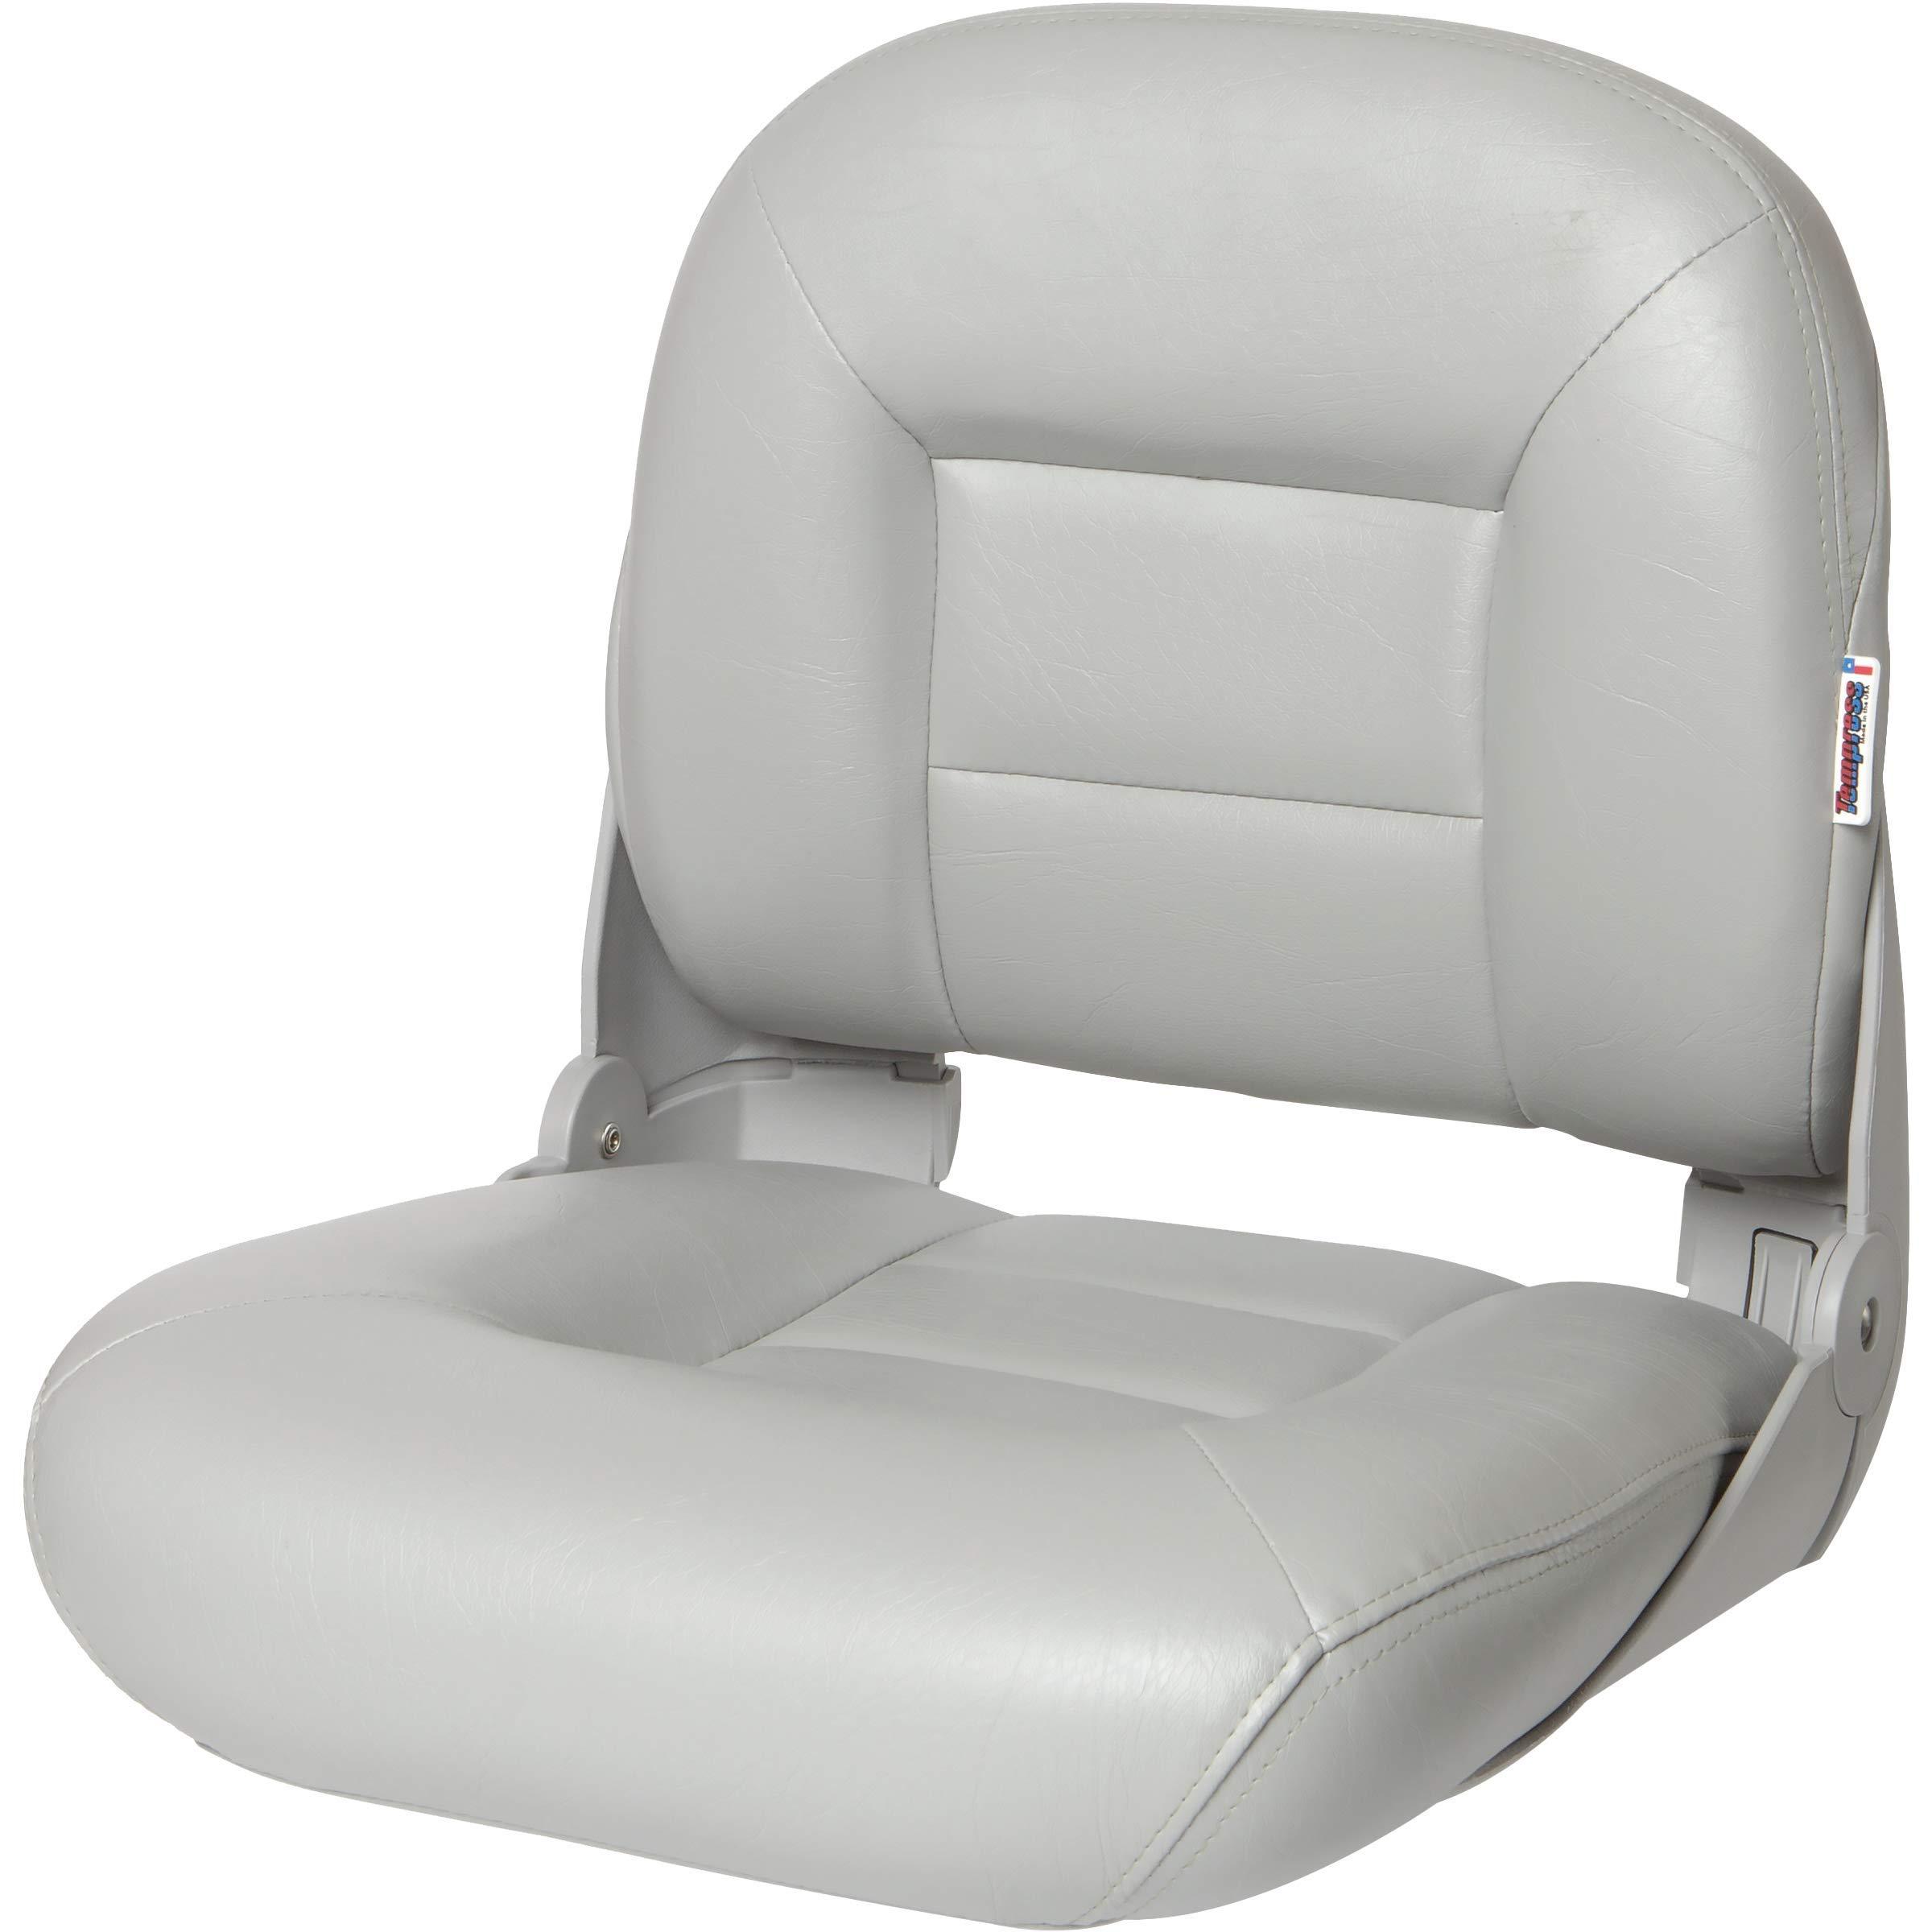 Tempress NaviStyle Low Back Seat, Gray by Tempress